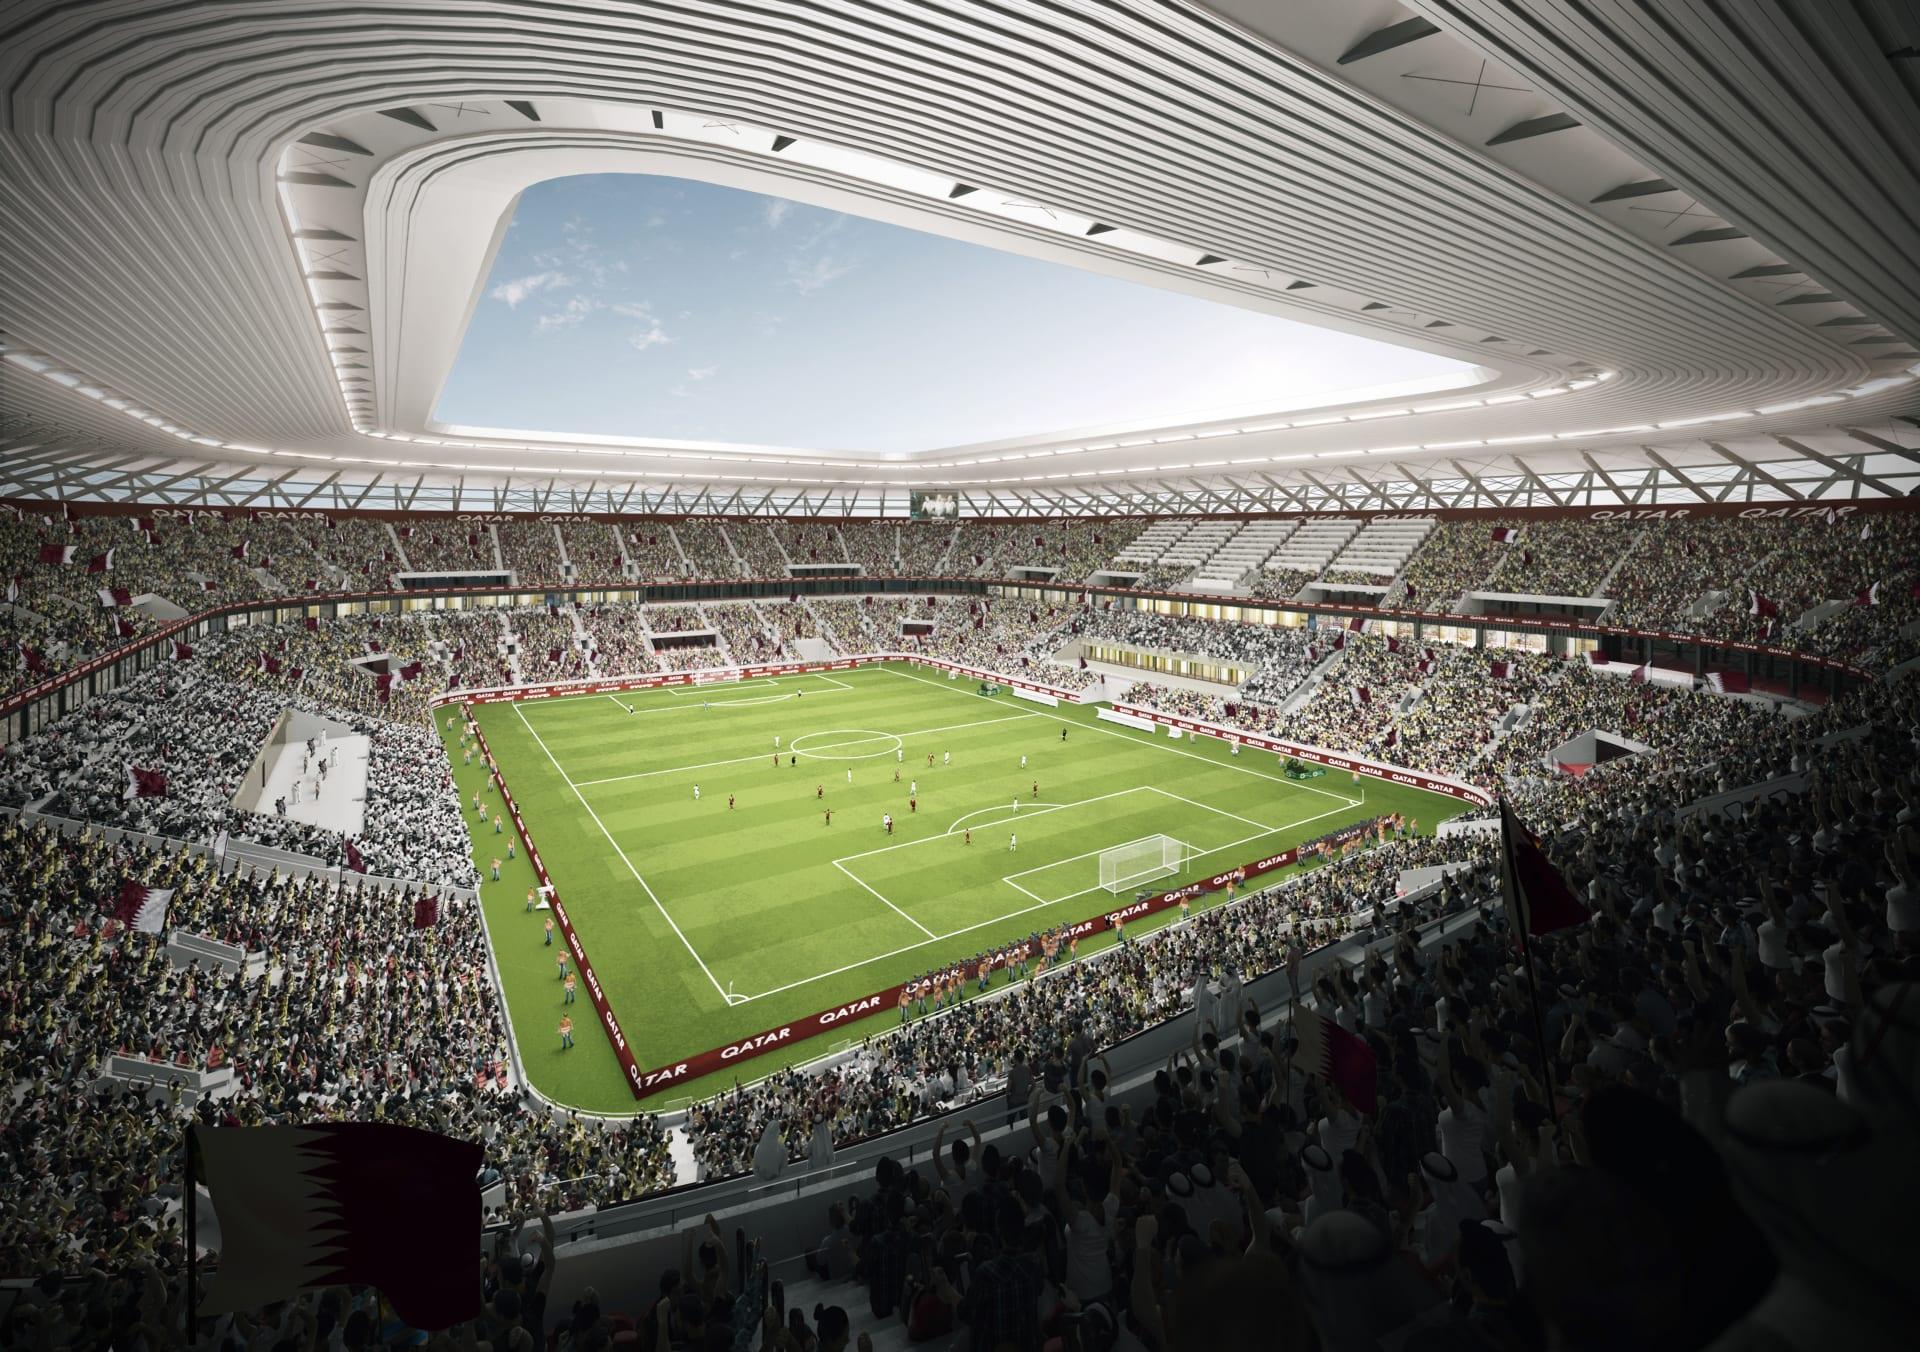 تركي آل الشيخ: سأستمتع بكأس العالم 2022 إذا استضافته إنجلترا أو أمريكا